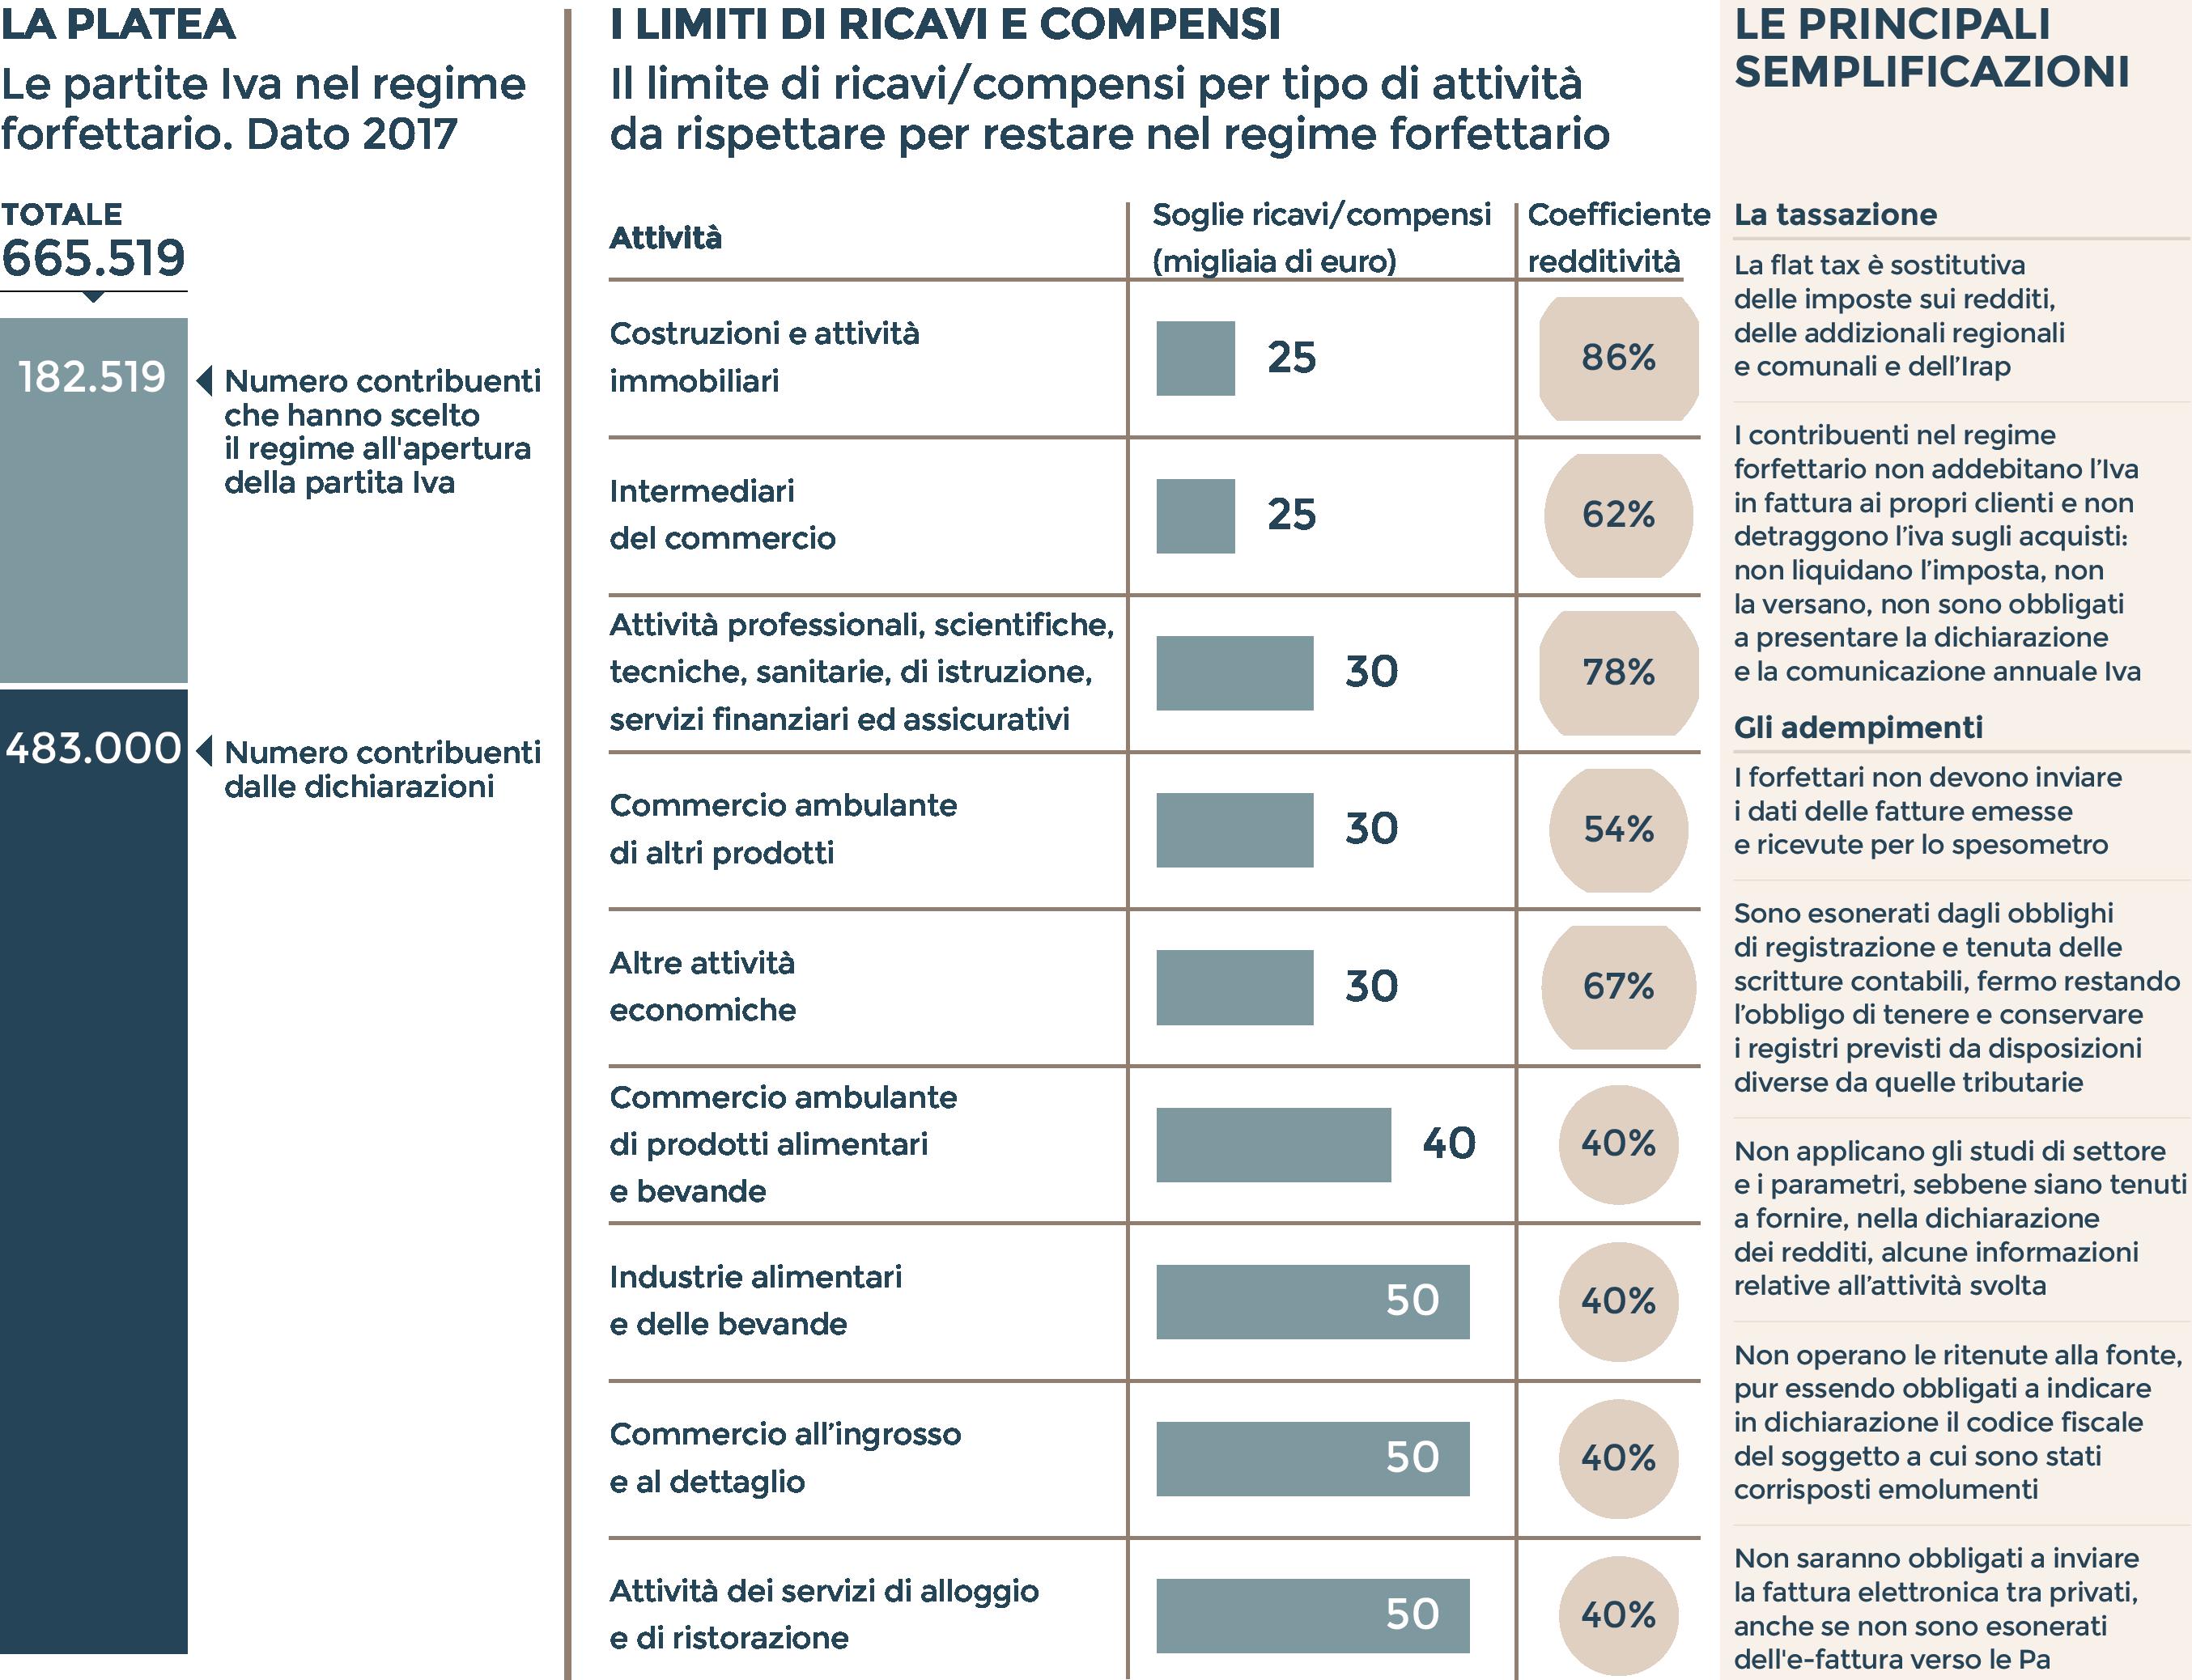 Lovely LE ADESIONI AL REGIME AGEVOLATO E I LIMITI DA RISPETTARE (Fonte:  Elaborazioni Su Dati Statistiche Fiscali E Osservatorio Delle Partite Iva)